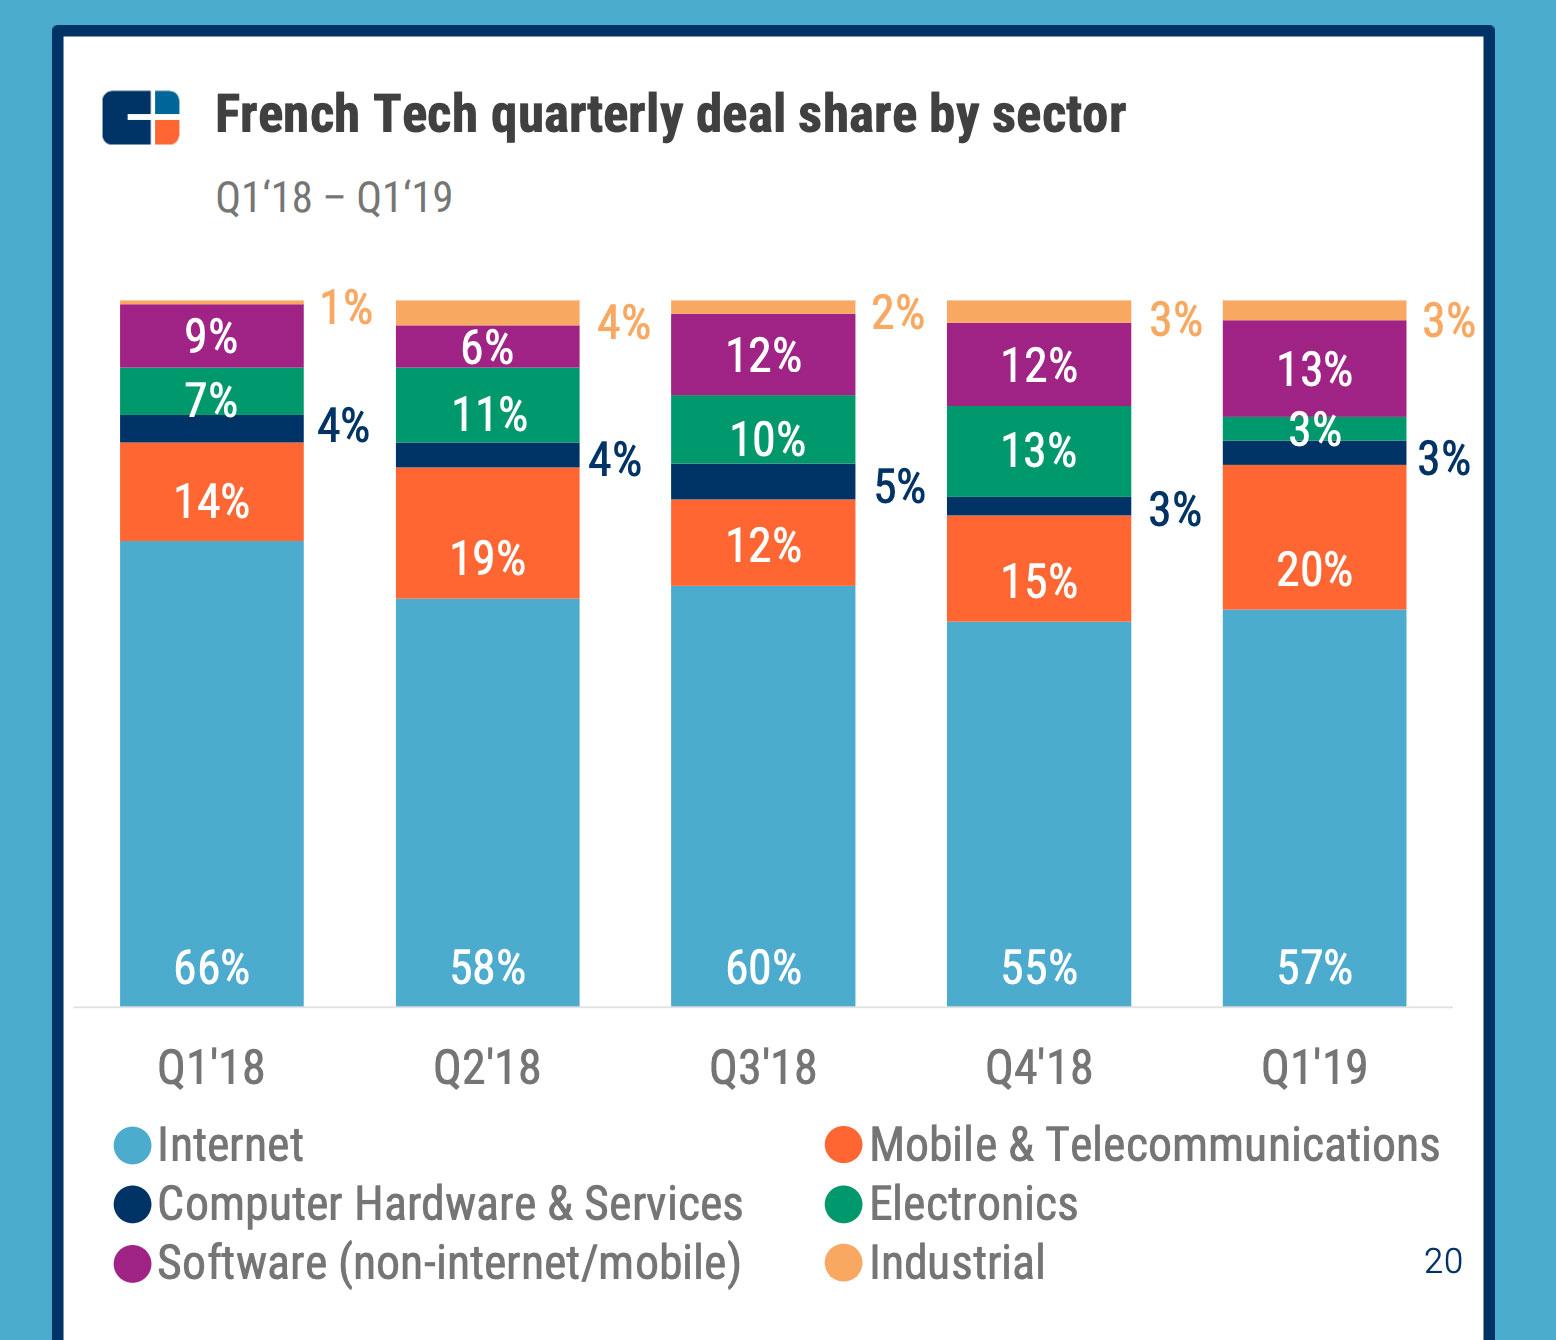 Répartition des deals par secteur